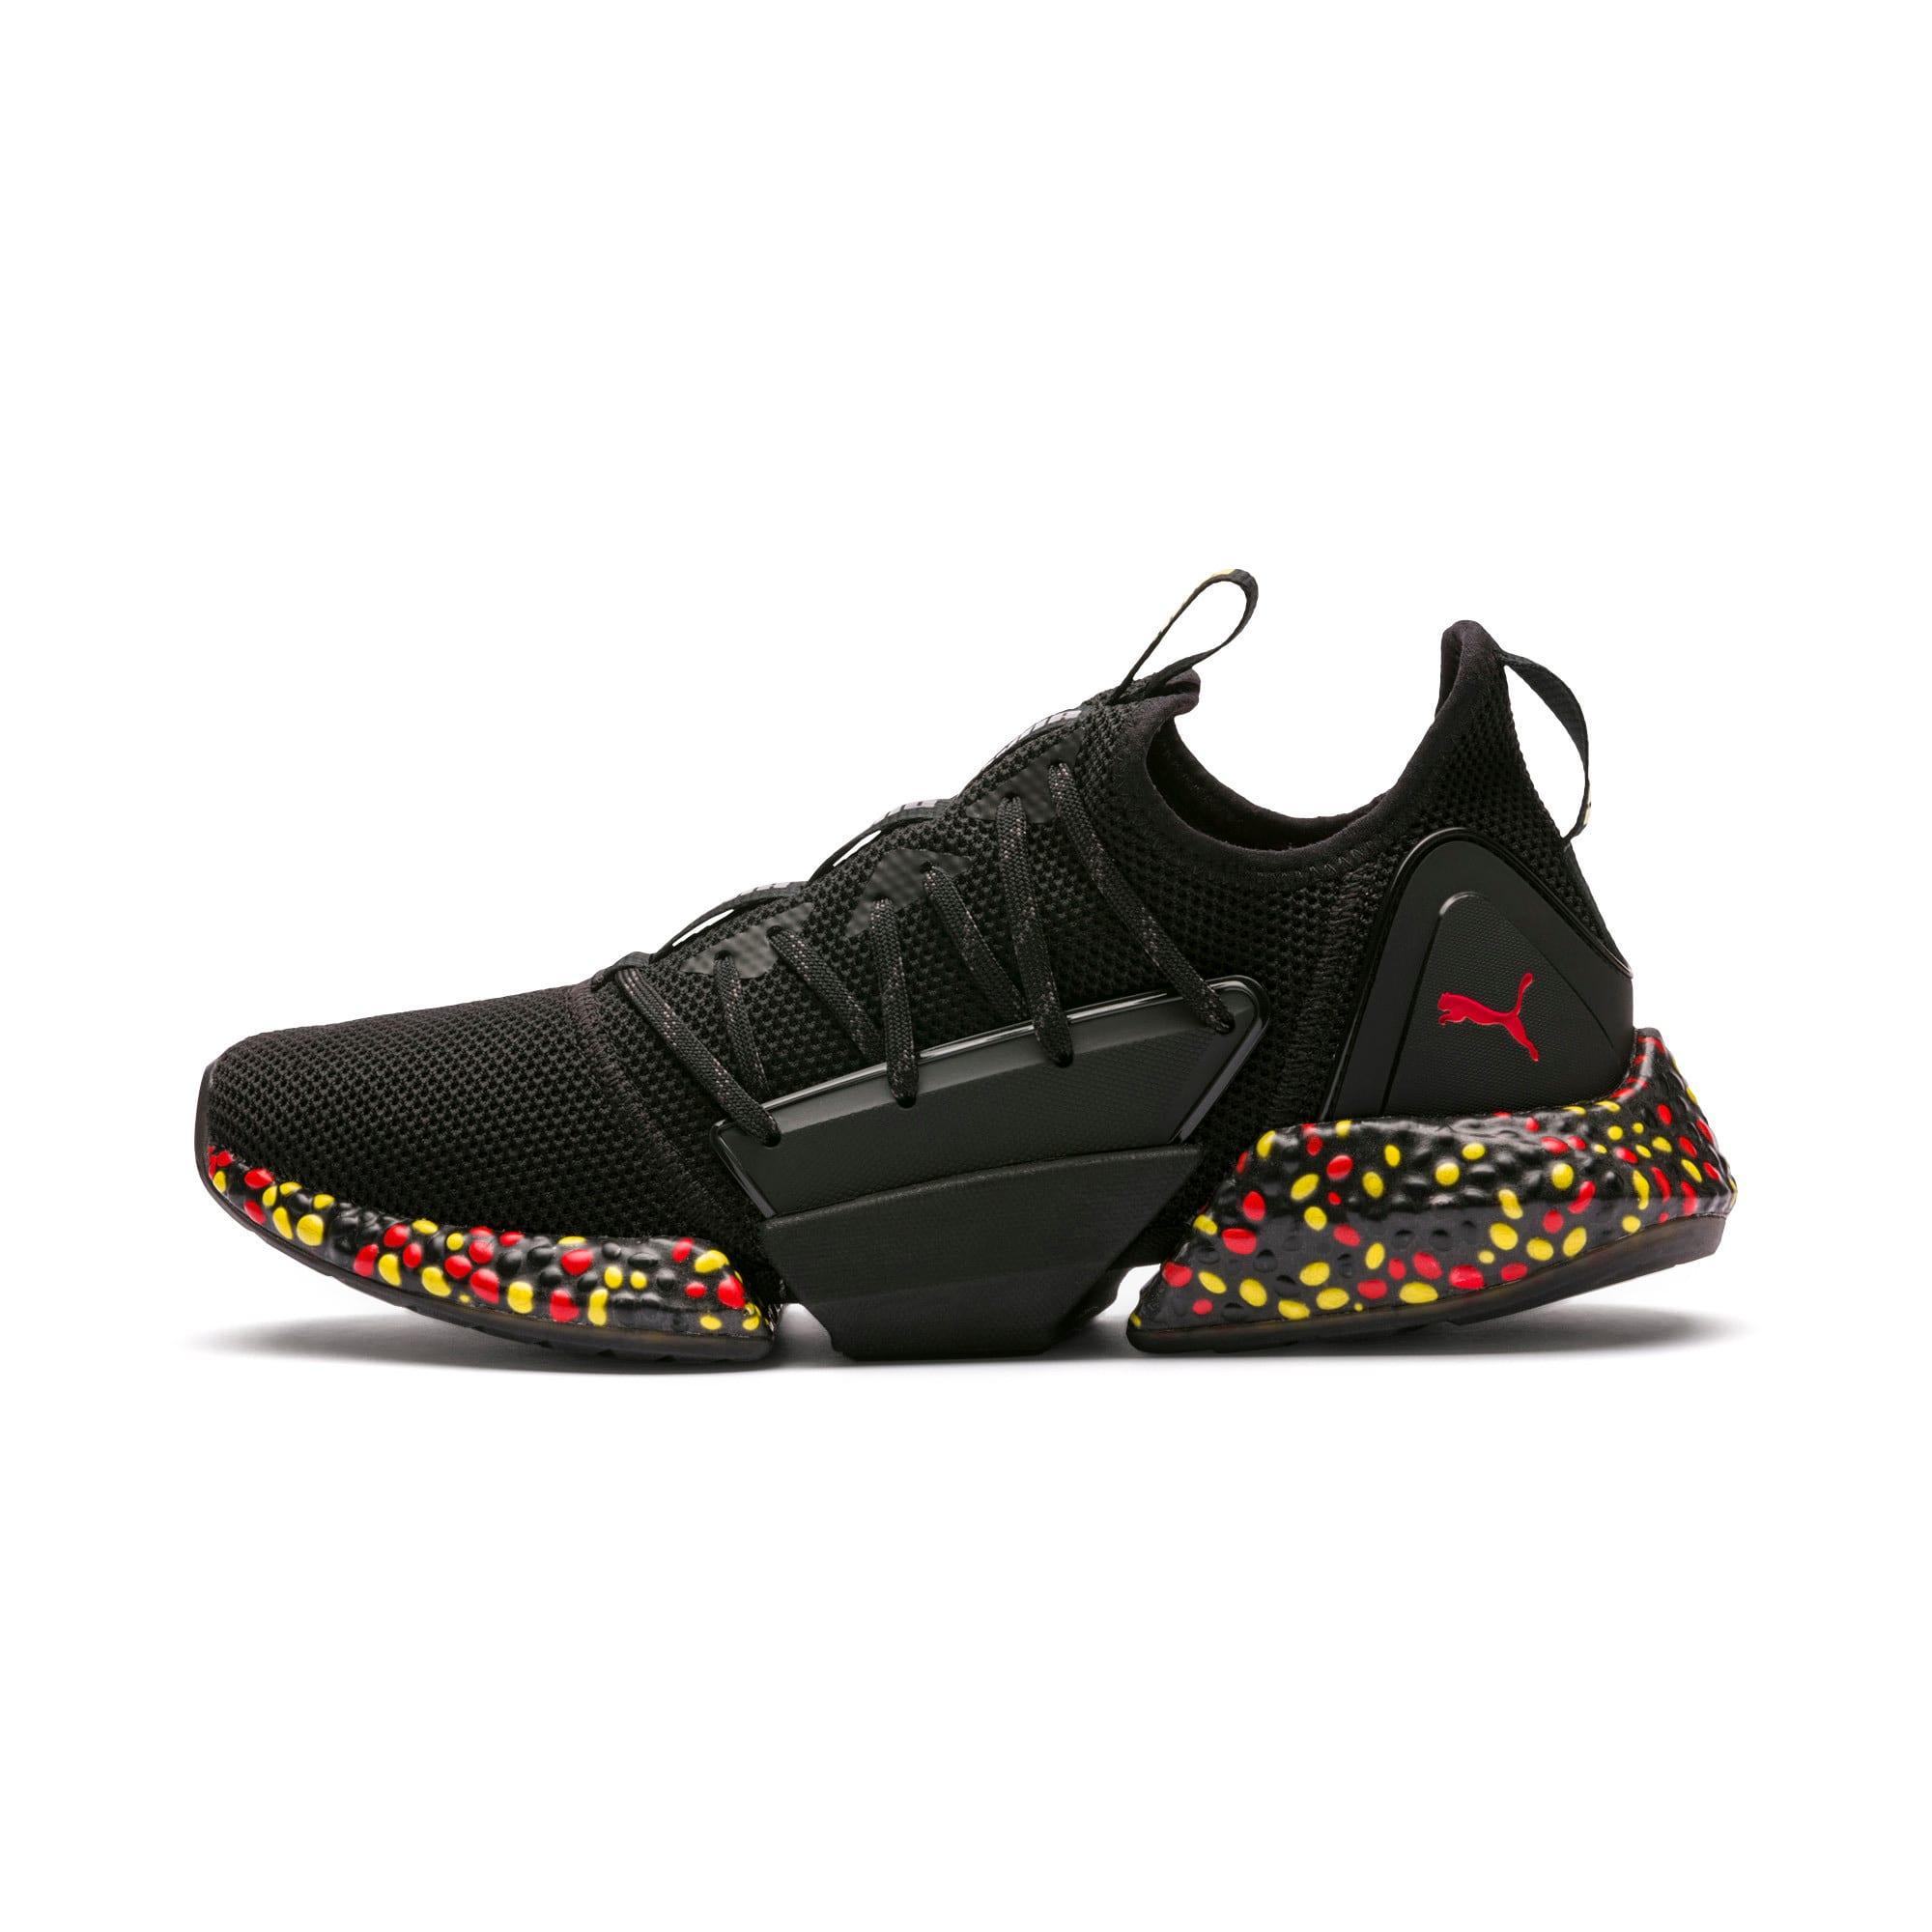 Imagen en miniatura 1 de Zapatillas de running de hombre Hybrid Rocket Runner, Black-Blazing Yellow-Red, mediana